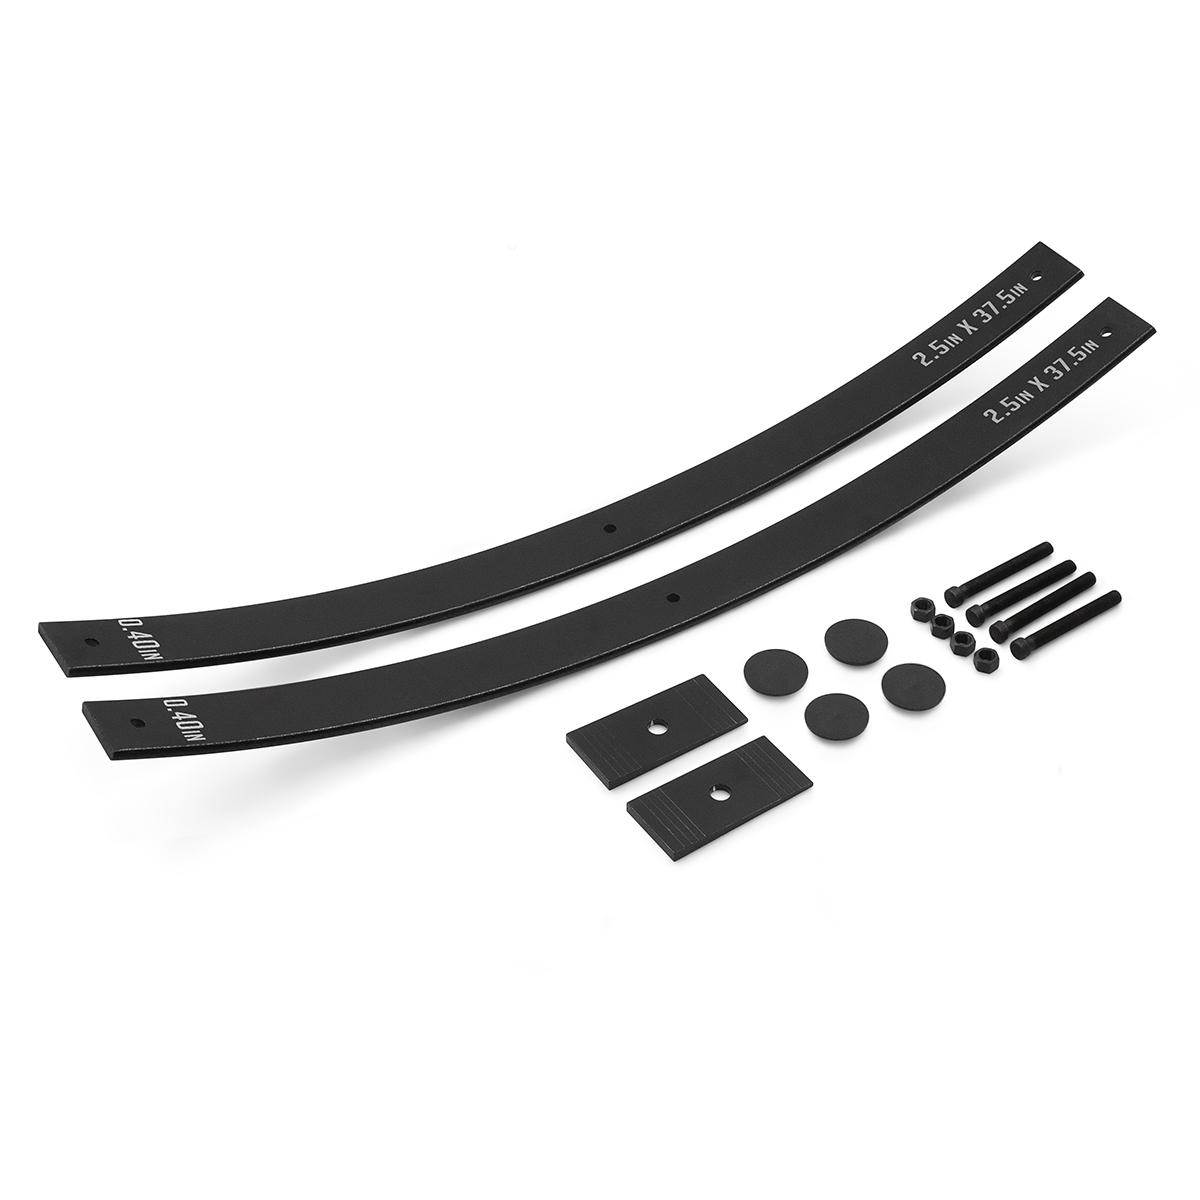 """For 00-10 Chevy Silverado 1500HD helper springs 2"""" Long Add-a-Leaf 8-Lug +Shims - $132.00"""